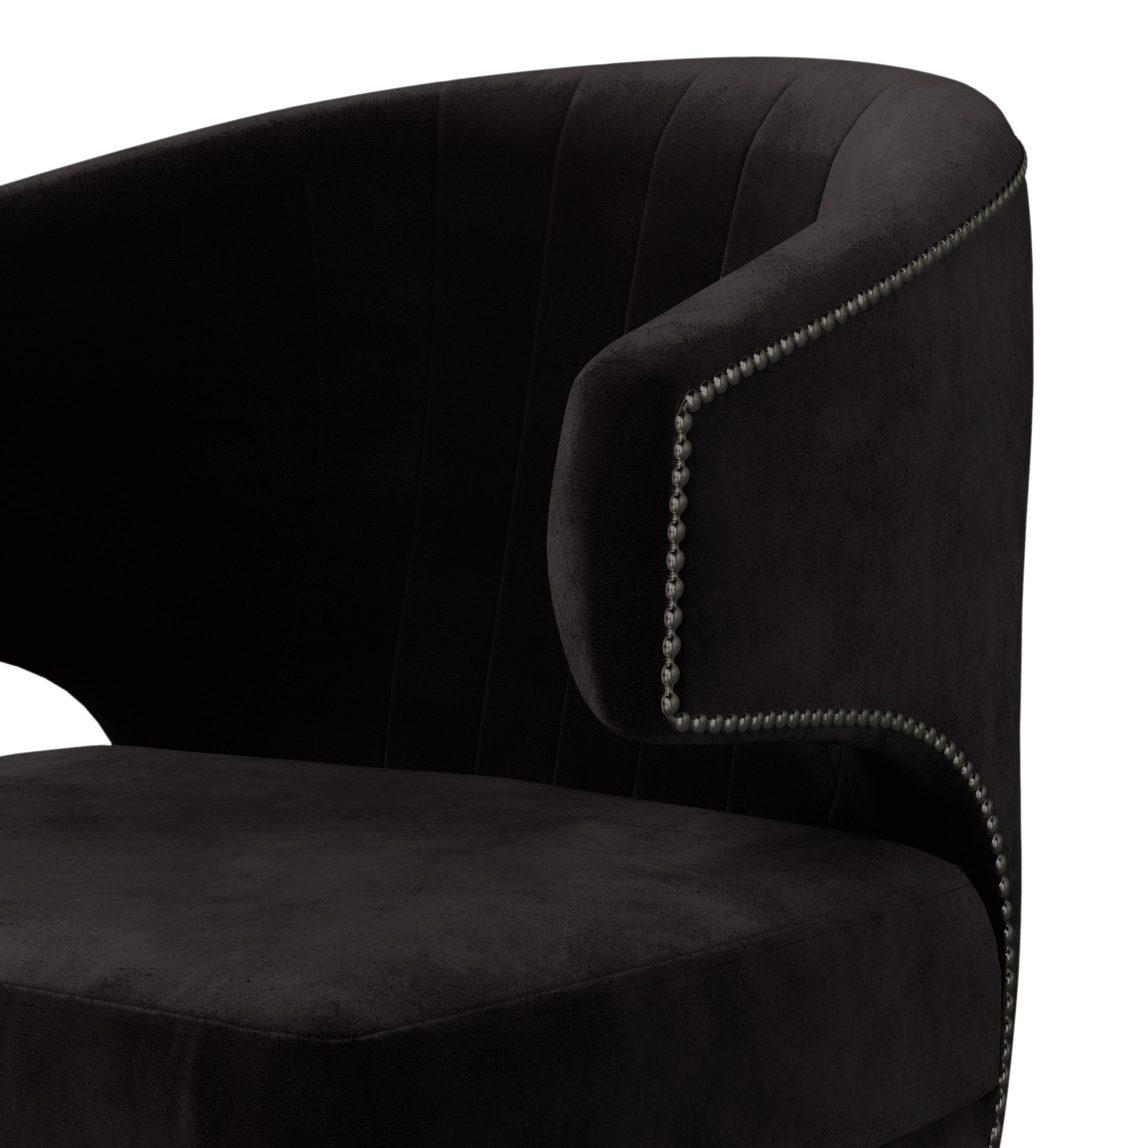 Мягкая мебель на заказ, реплика (копия) brabbu браббу, бархатное черное темное дизайнерское кресло Феликс Лавсит, для гостиной, зала, прихожей, каминной, современный португальский арт деко стиль.